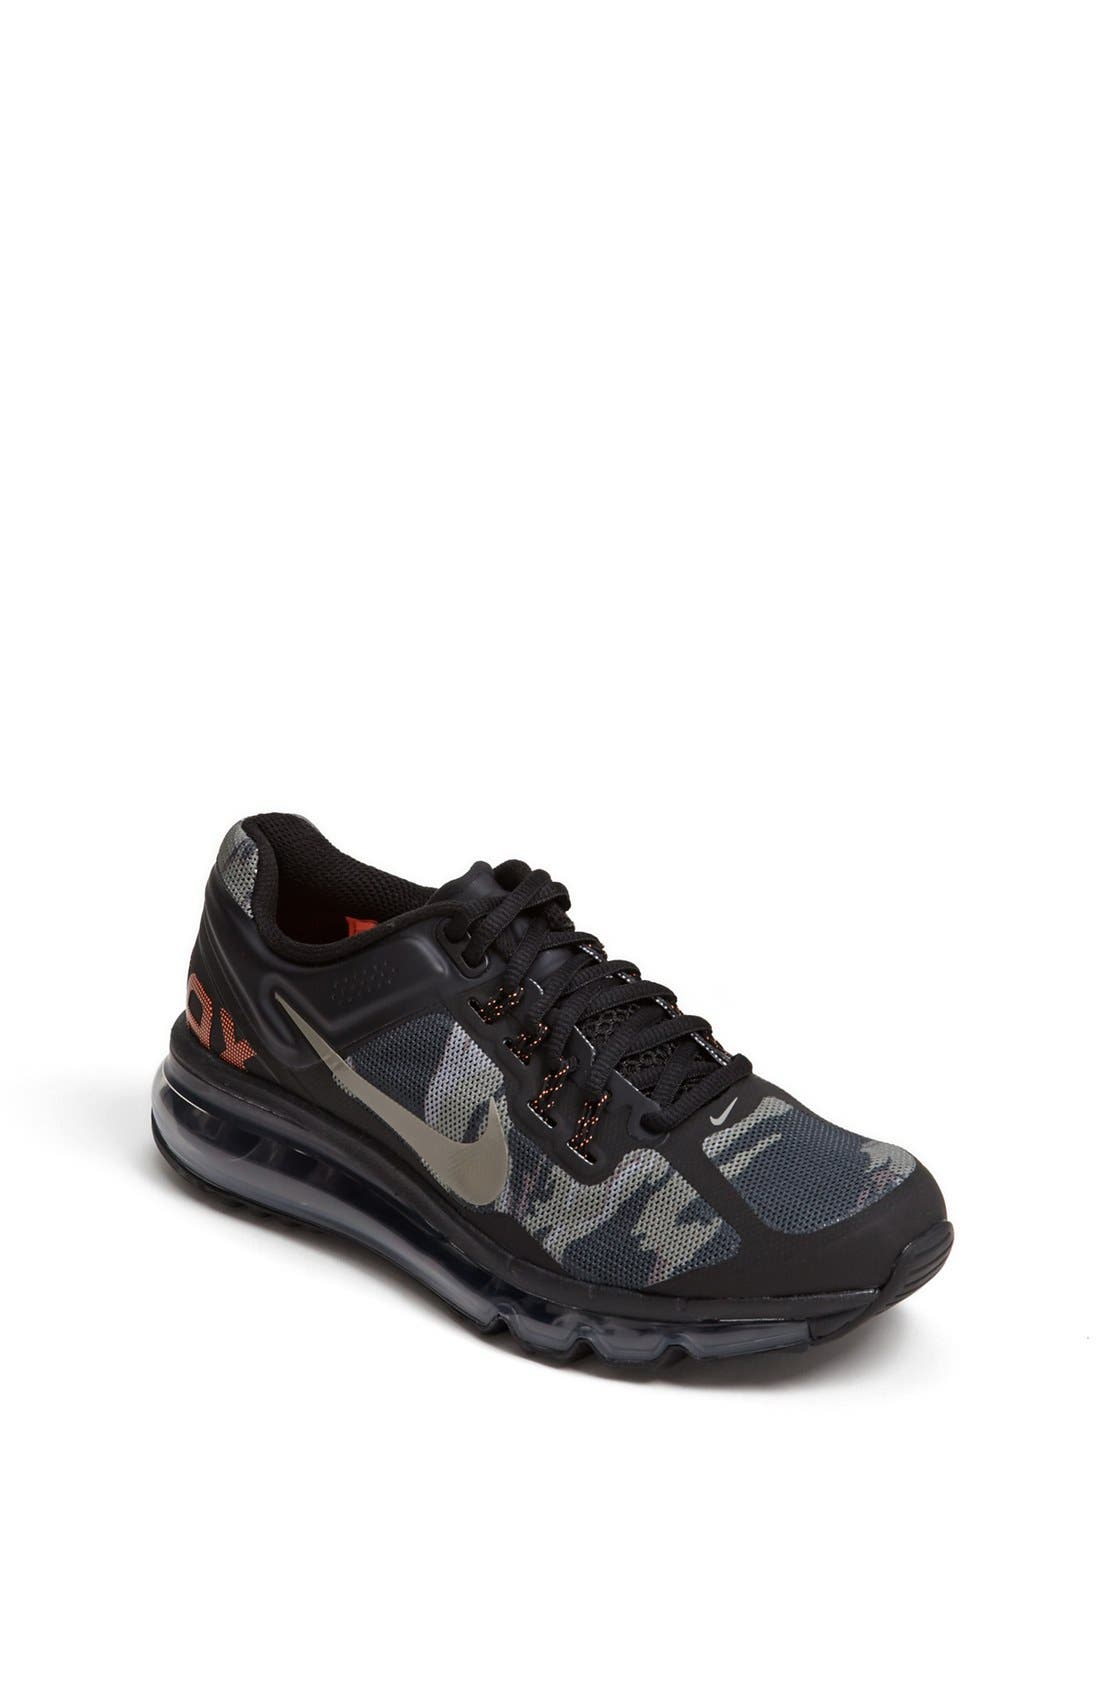 Alternate Image 1 Selected - Nike 'Air Max 2013' Running Shoe (Big Kid)